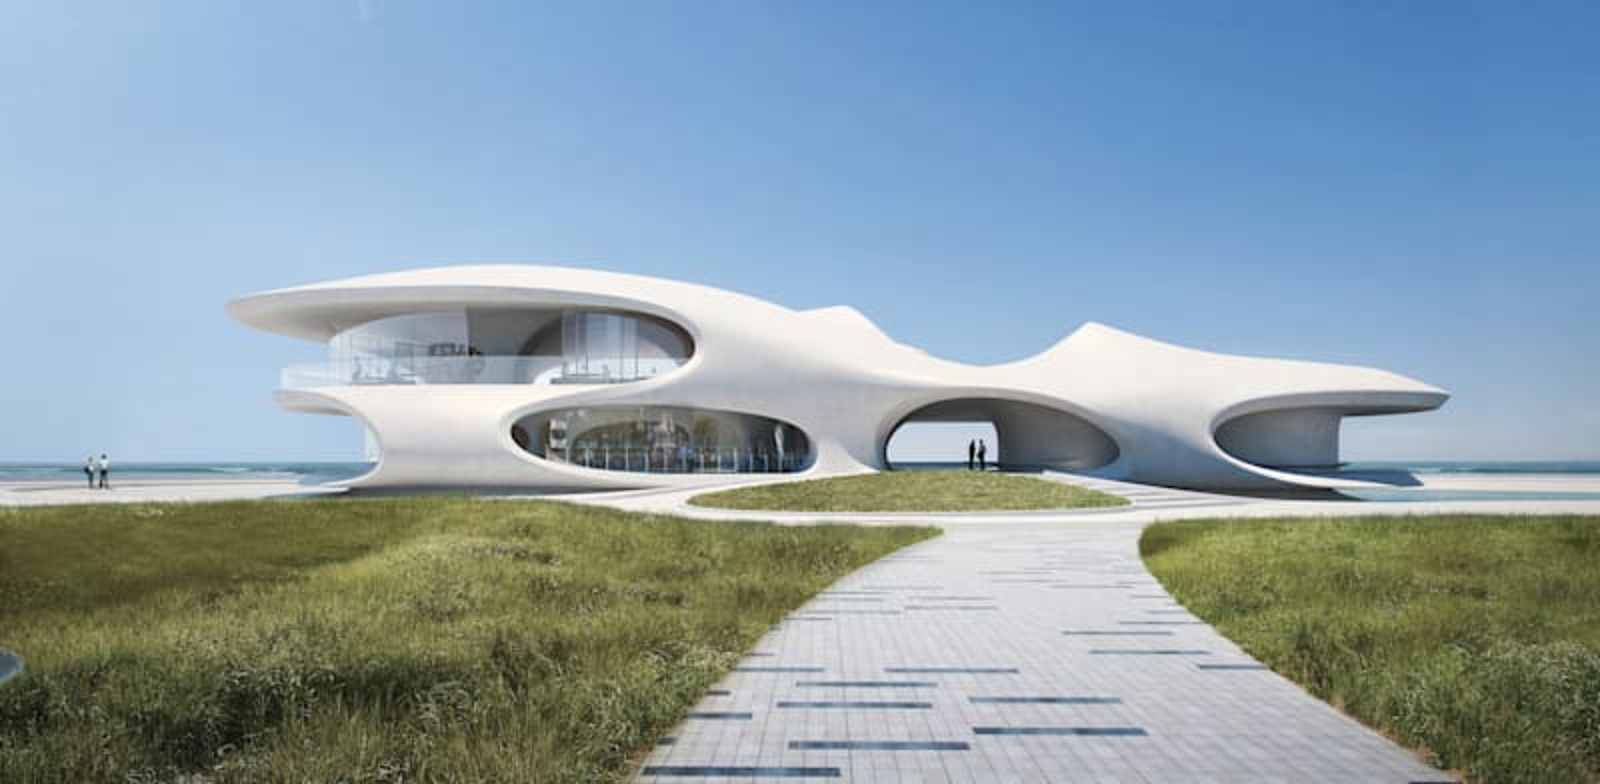 הספרייה בעיר הייקו, באי היינן בסין / הדמיה: SAN